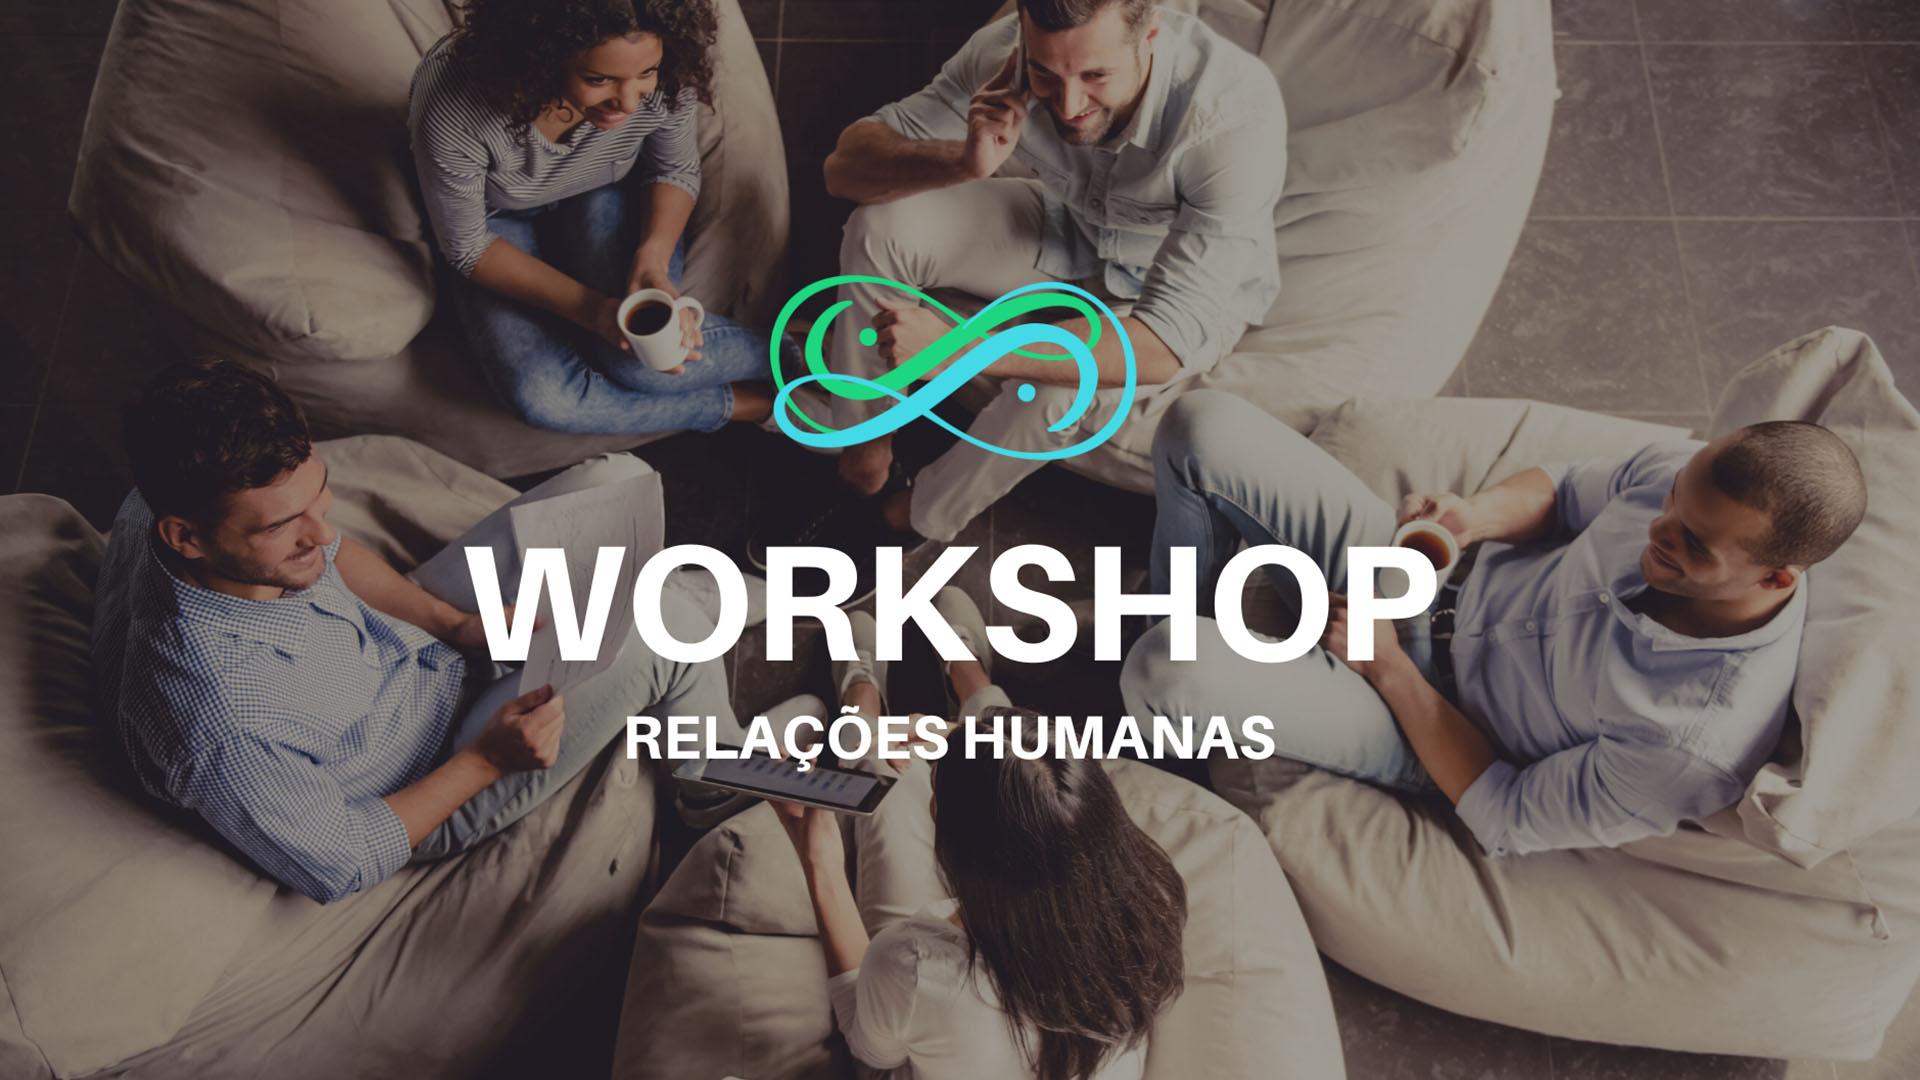 Workshop relações humanas